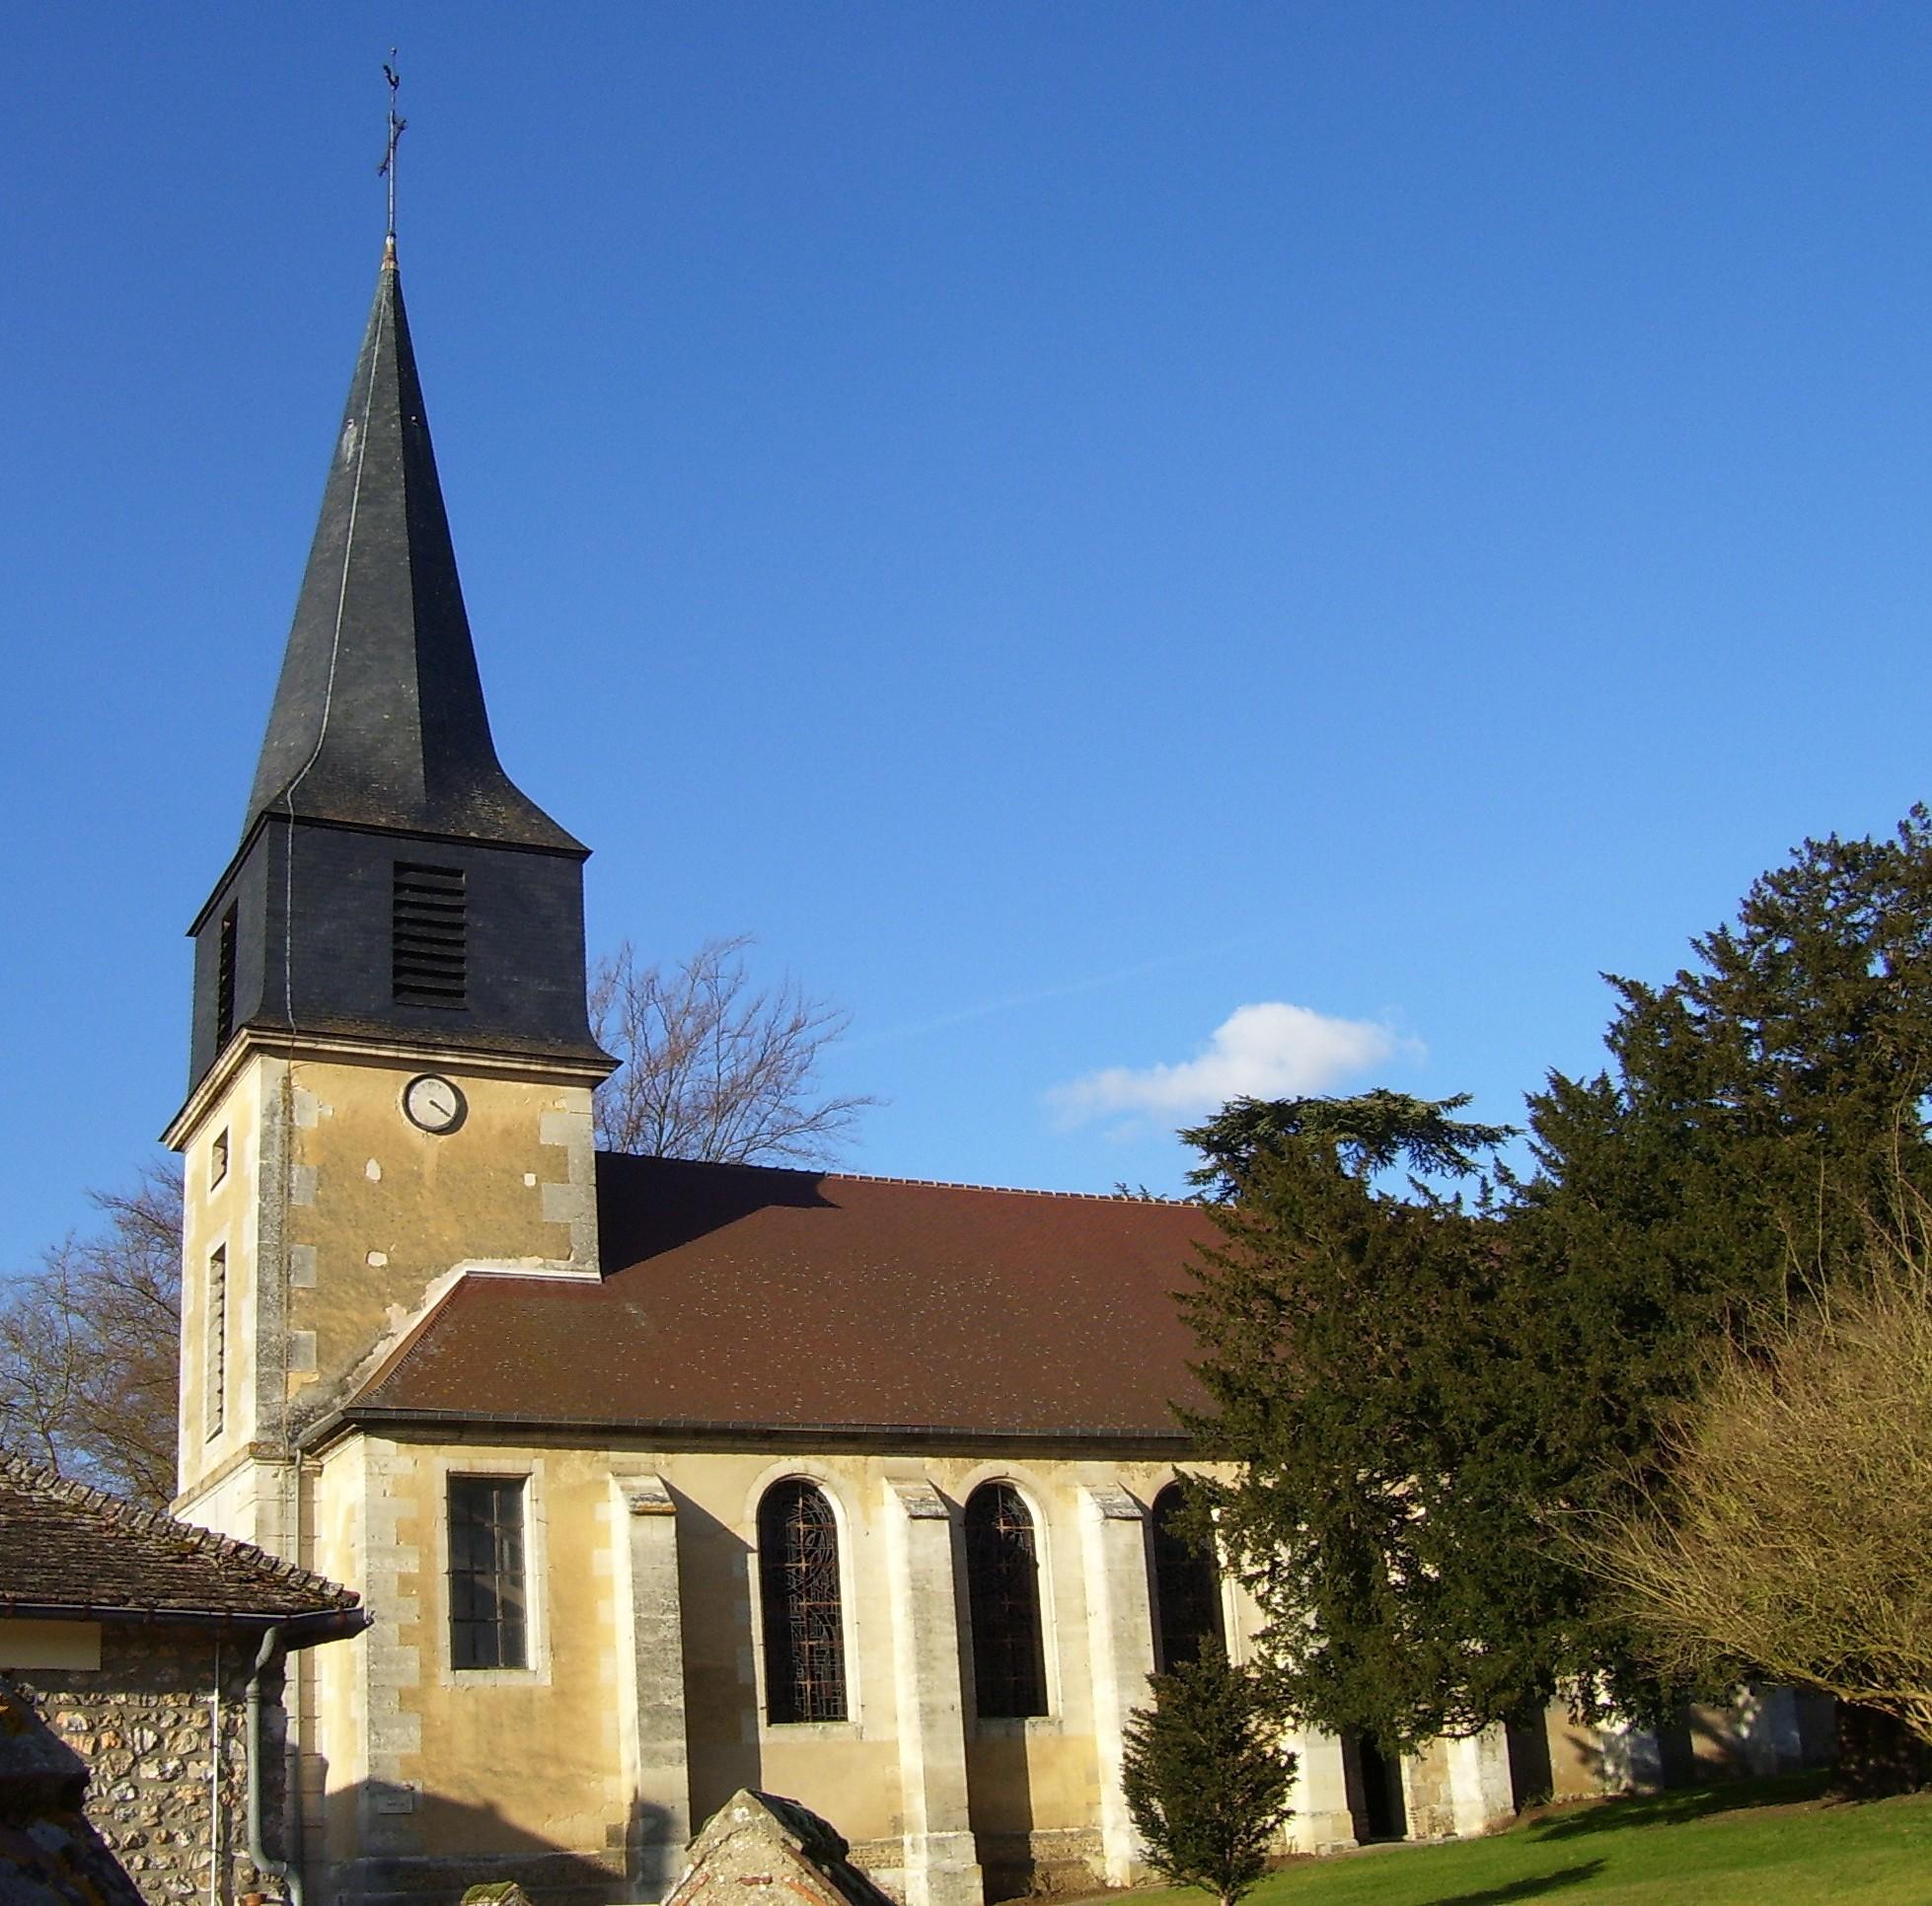 Kirche Saint-André, eigenes Foto, Lizenz:CC by